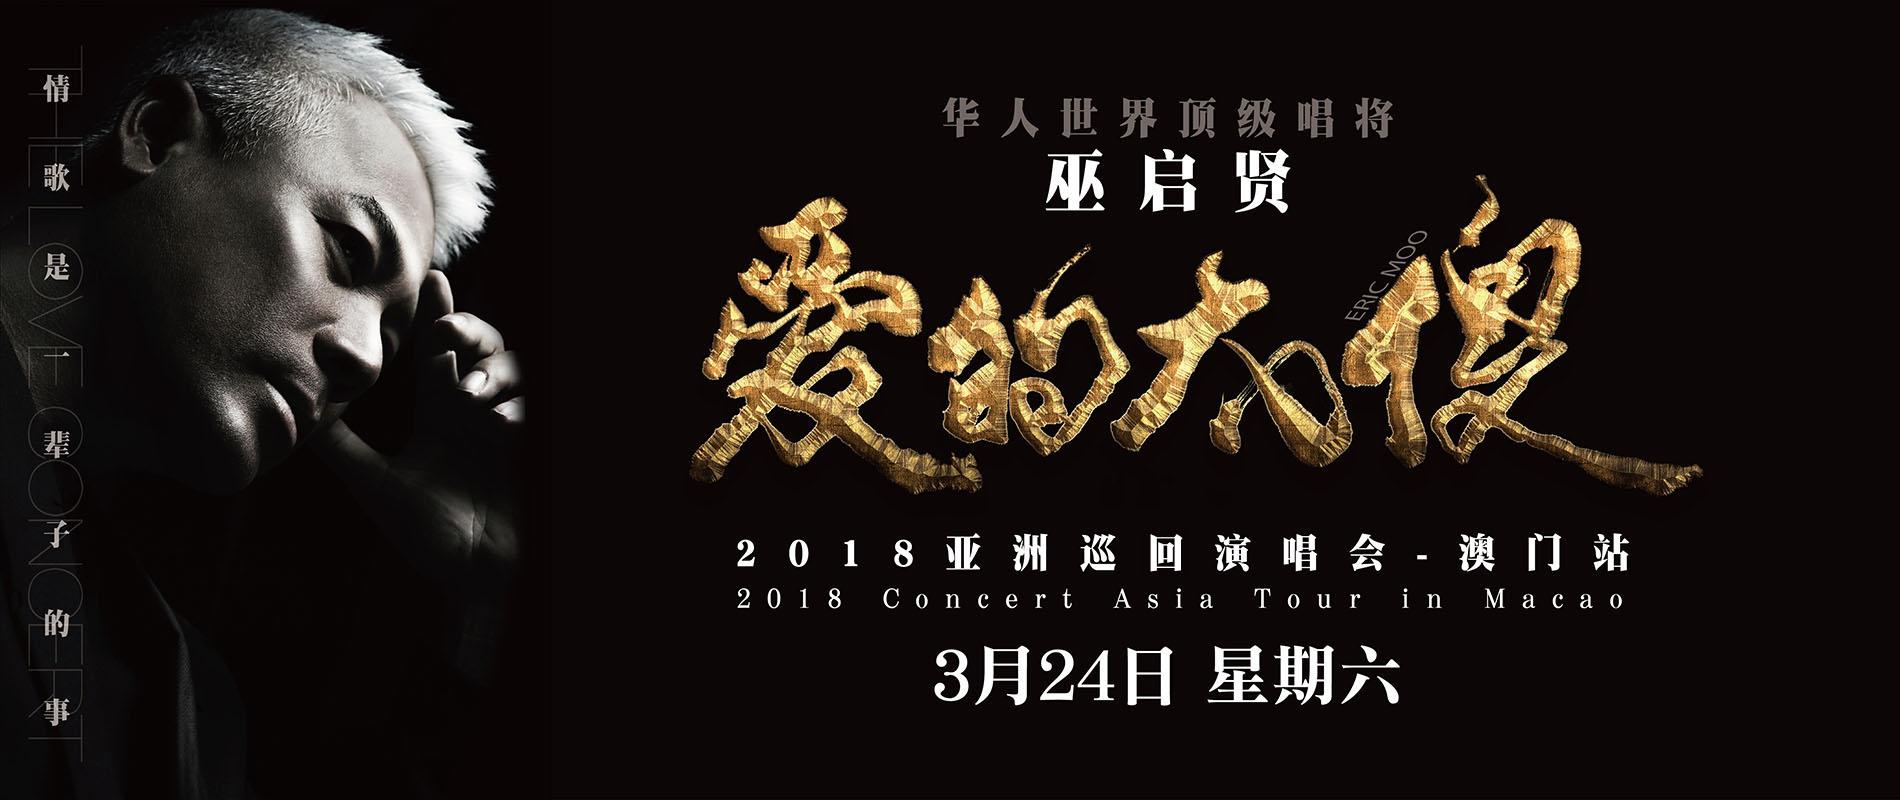 巫启贤'爱的太傻'2018亚洲巡回演唱会澳门站